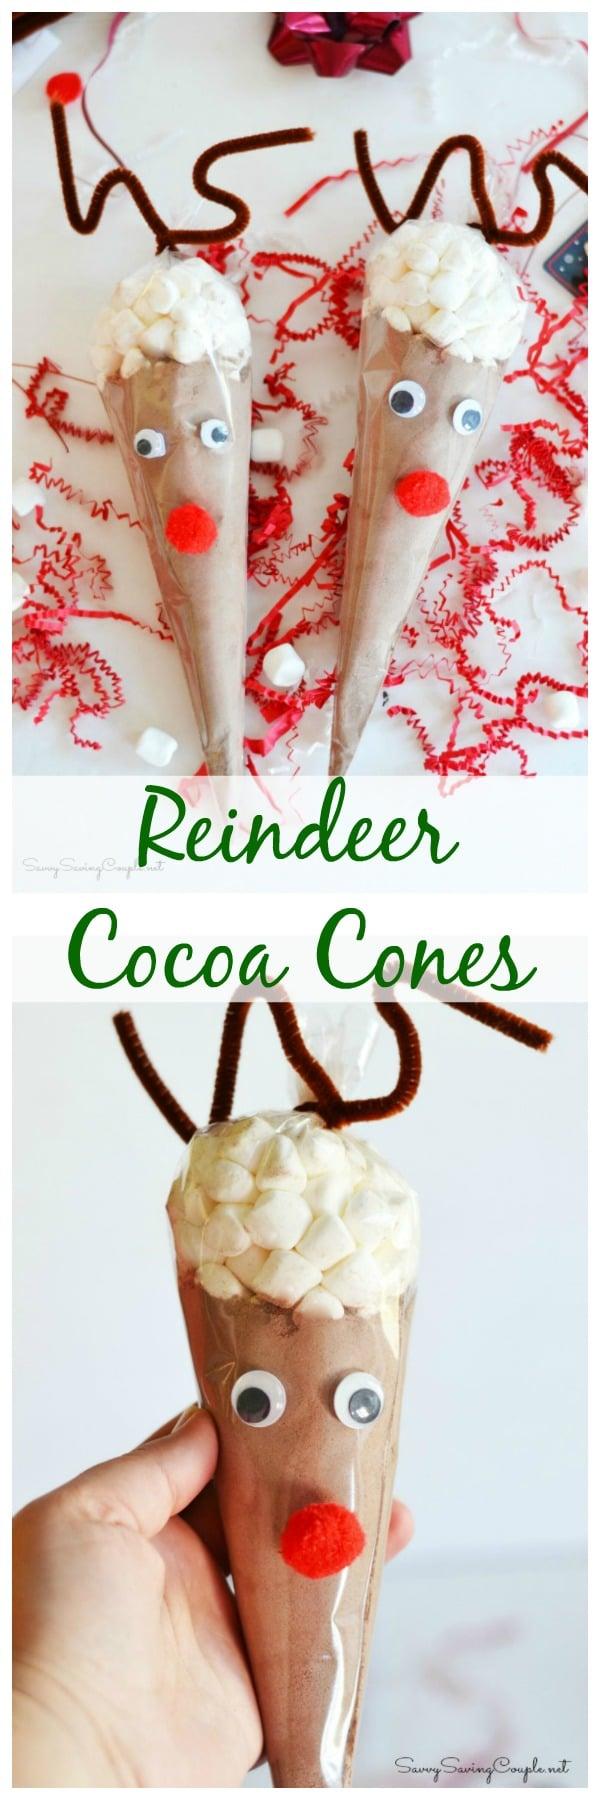 reindeer-cocoa-cones